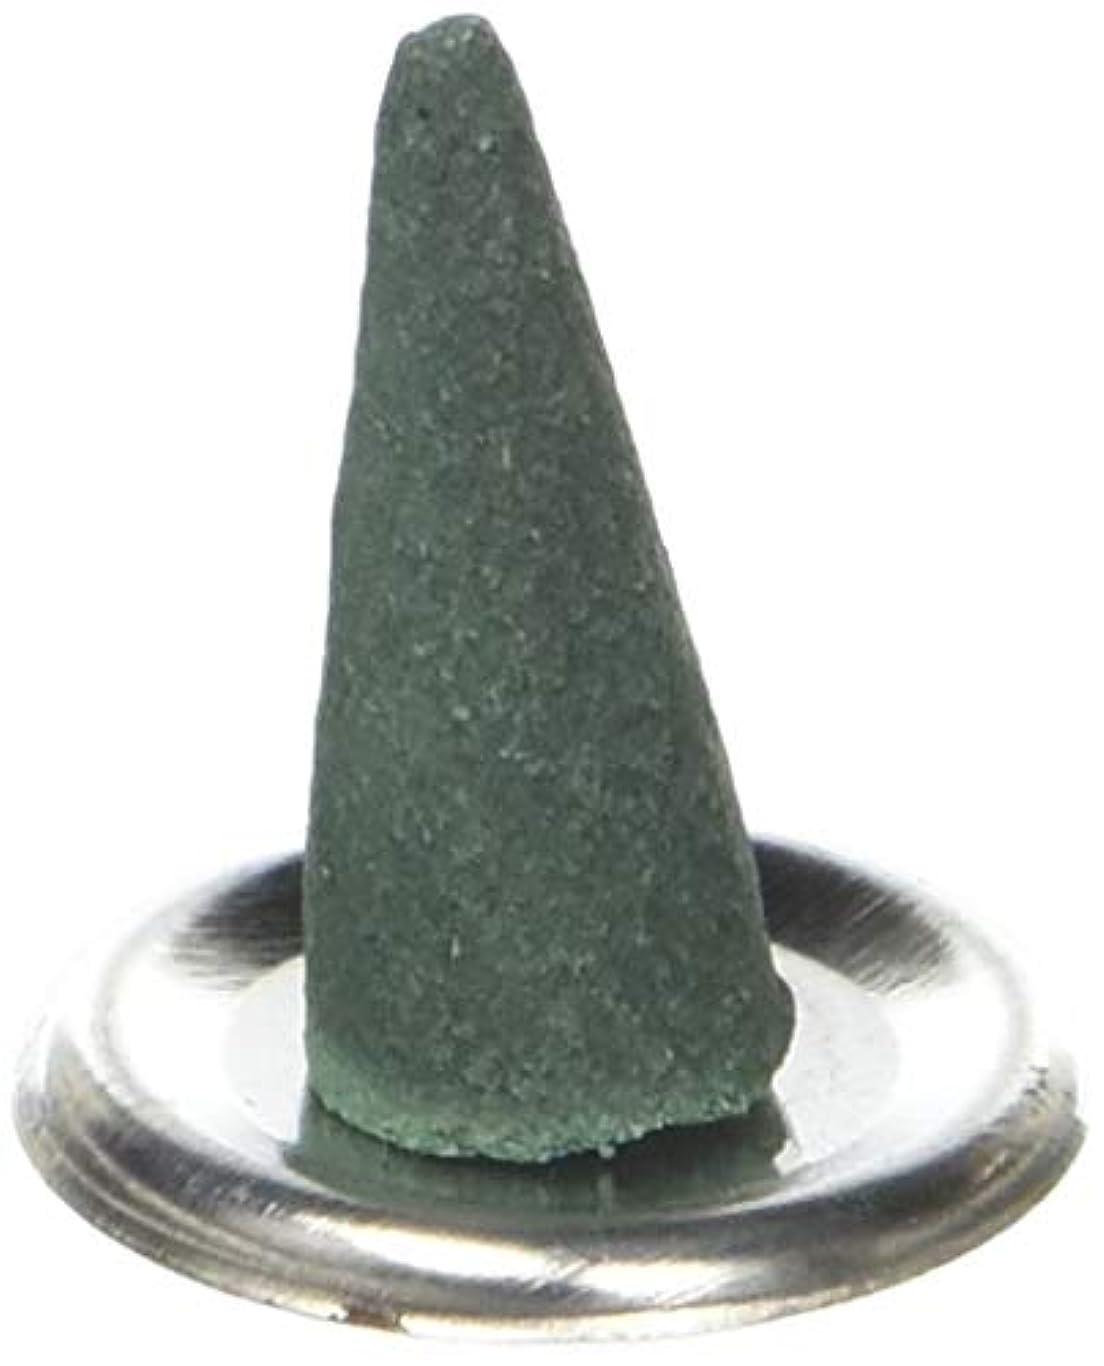 海三番統計的アロマセラピーHosley Highly Fragranced Spiritual Incense Cones 180パック、Infused with Essential Oils。結婚の理想は、特別なイベント、アロマセラピー...